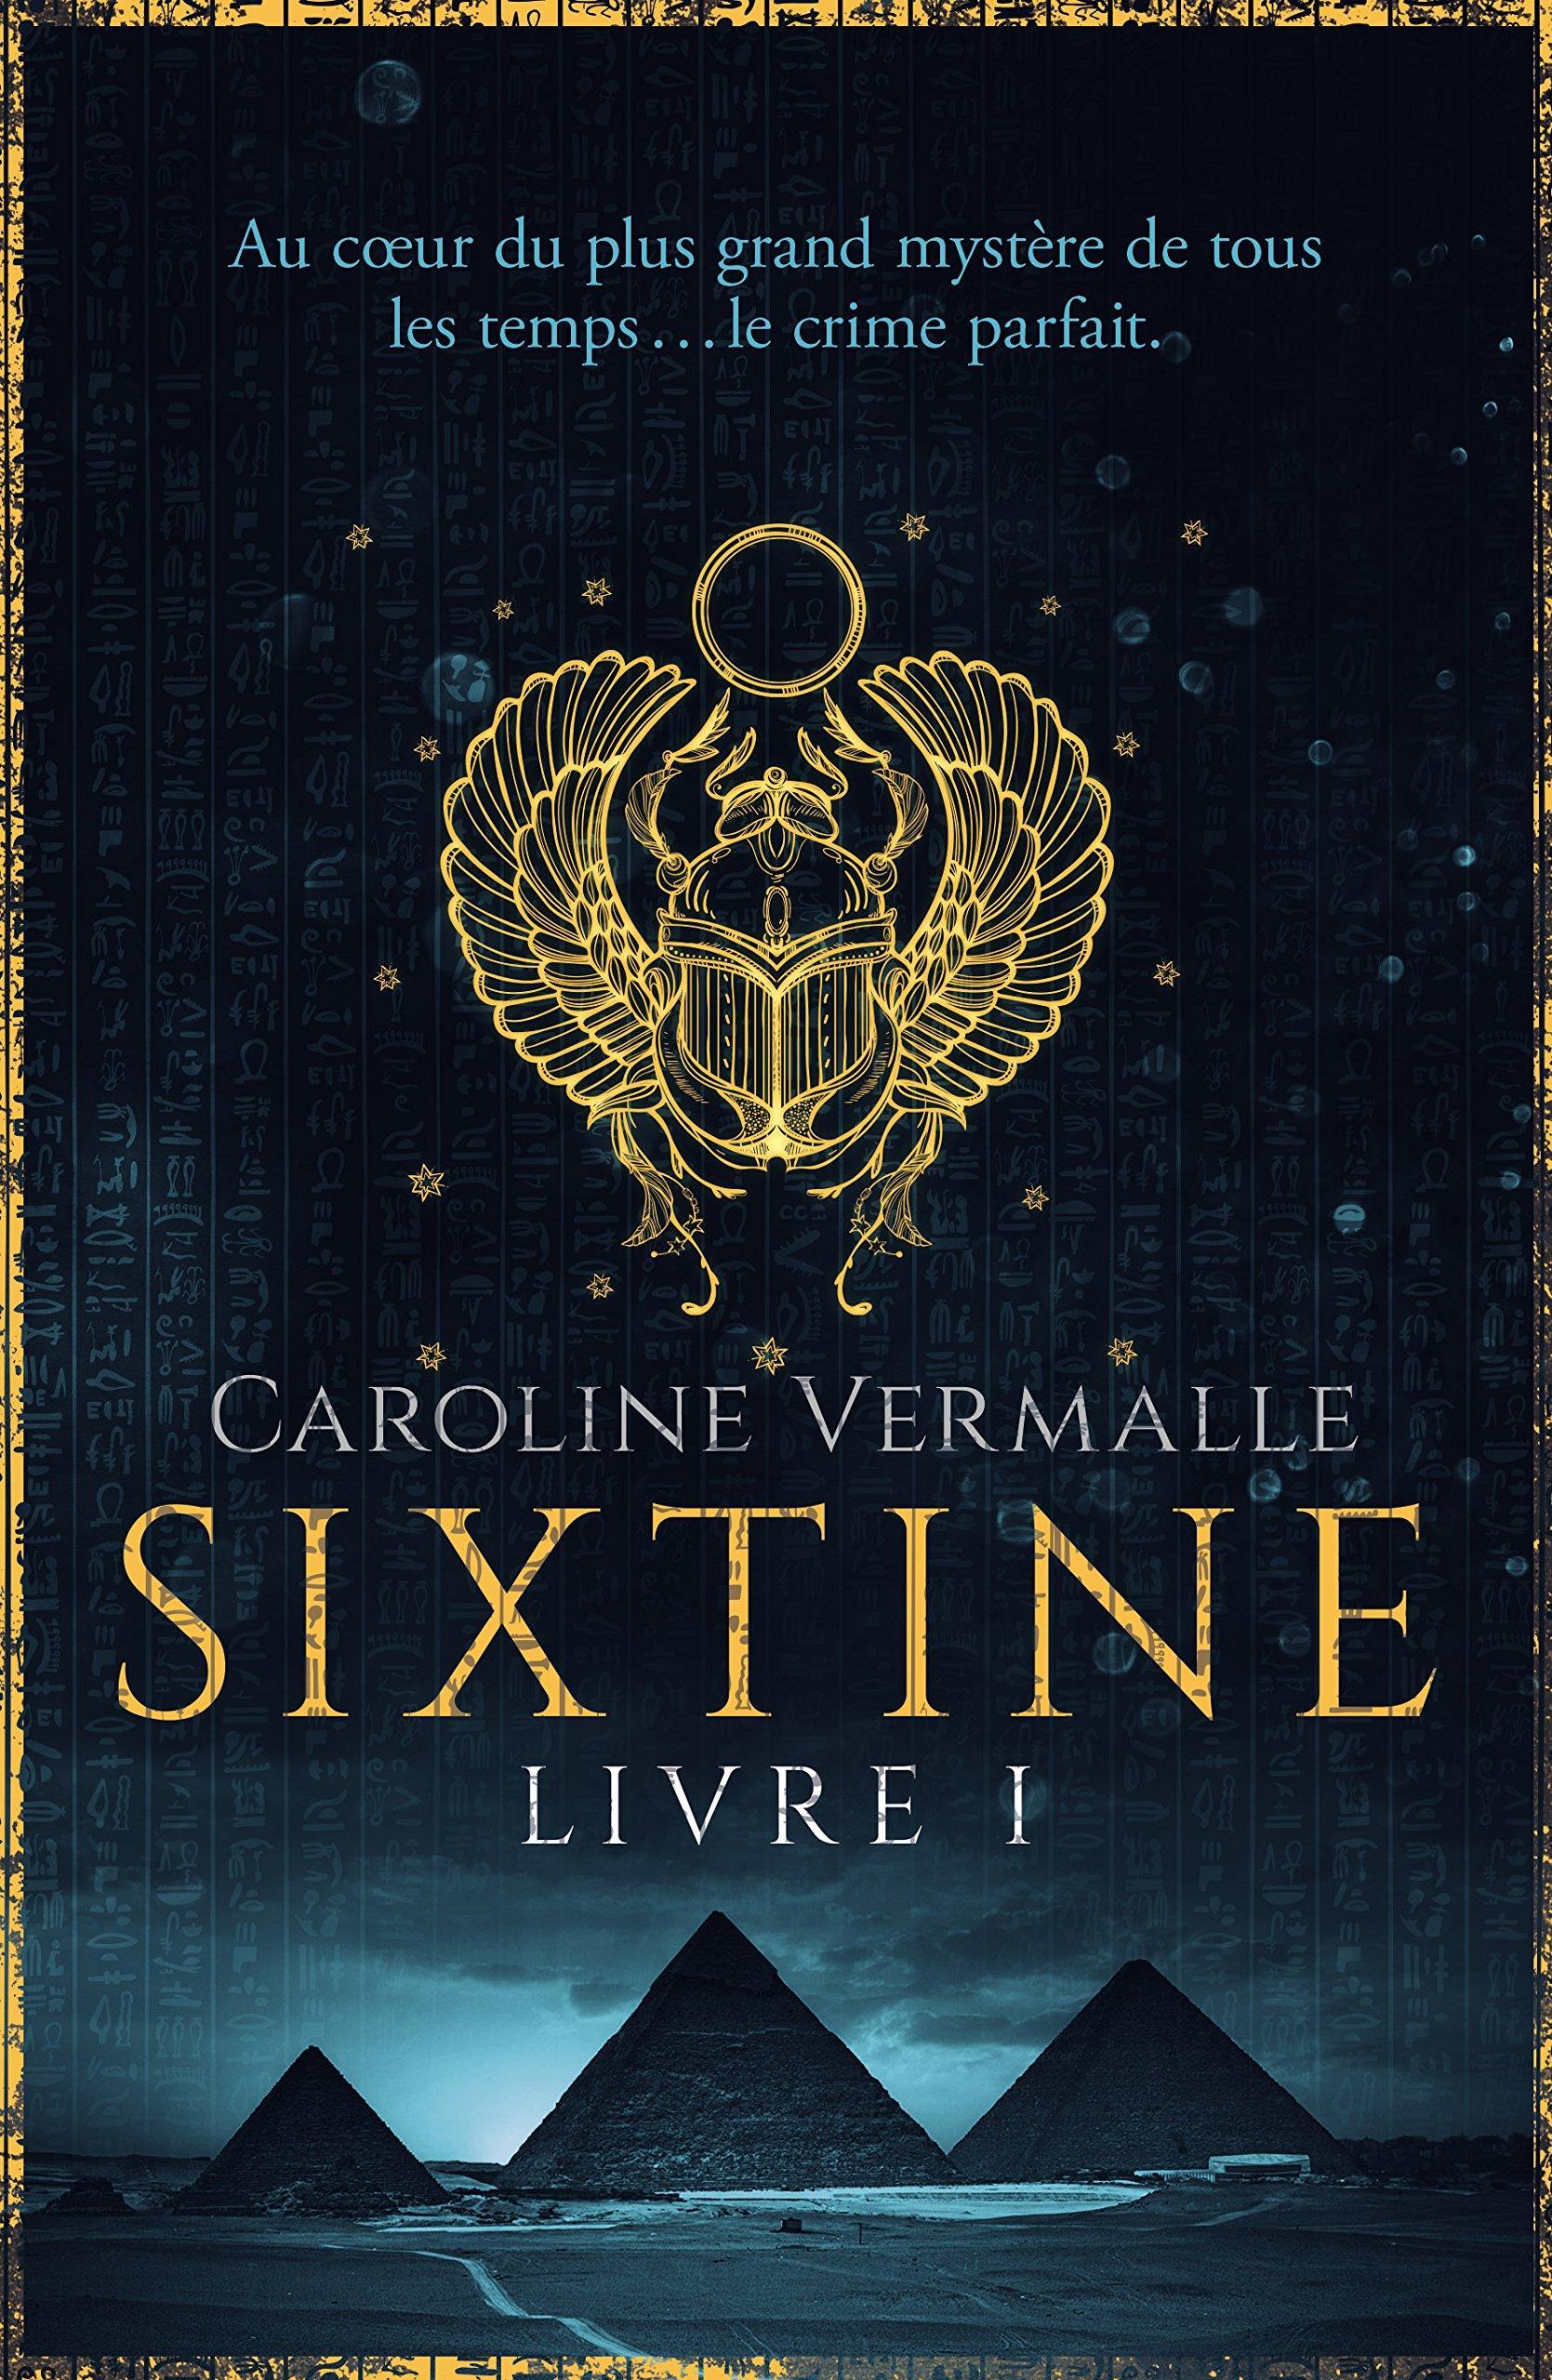 Sixtine - Livre I por Caroline Vermalle